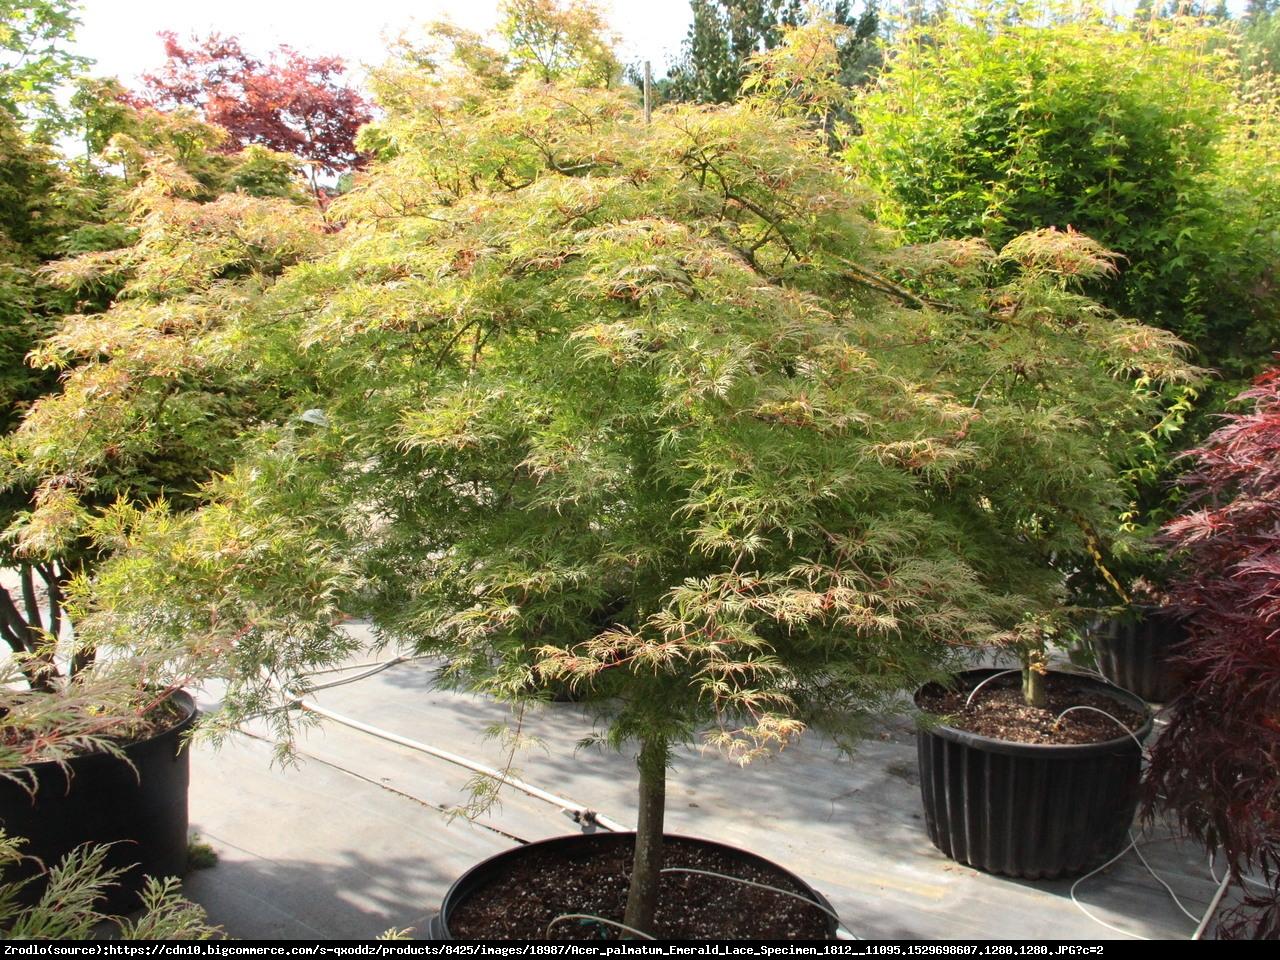 Acer palmatum  Emerald Lace  - Klon palmowy  Emerald Lace